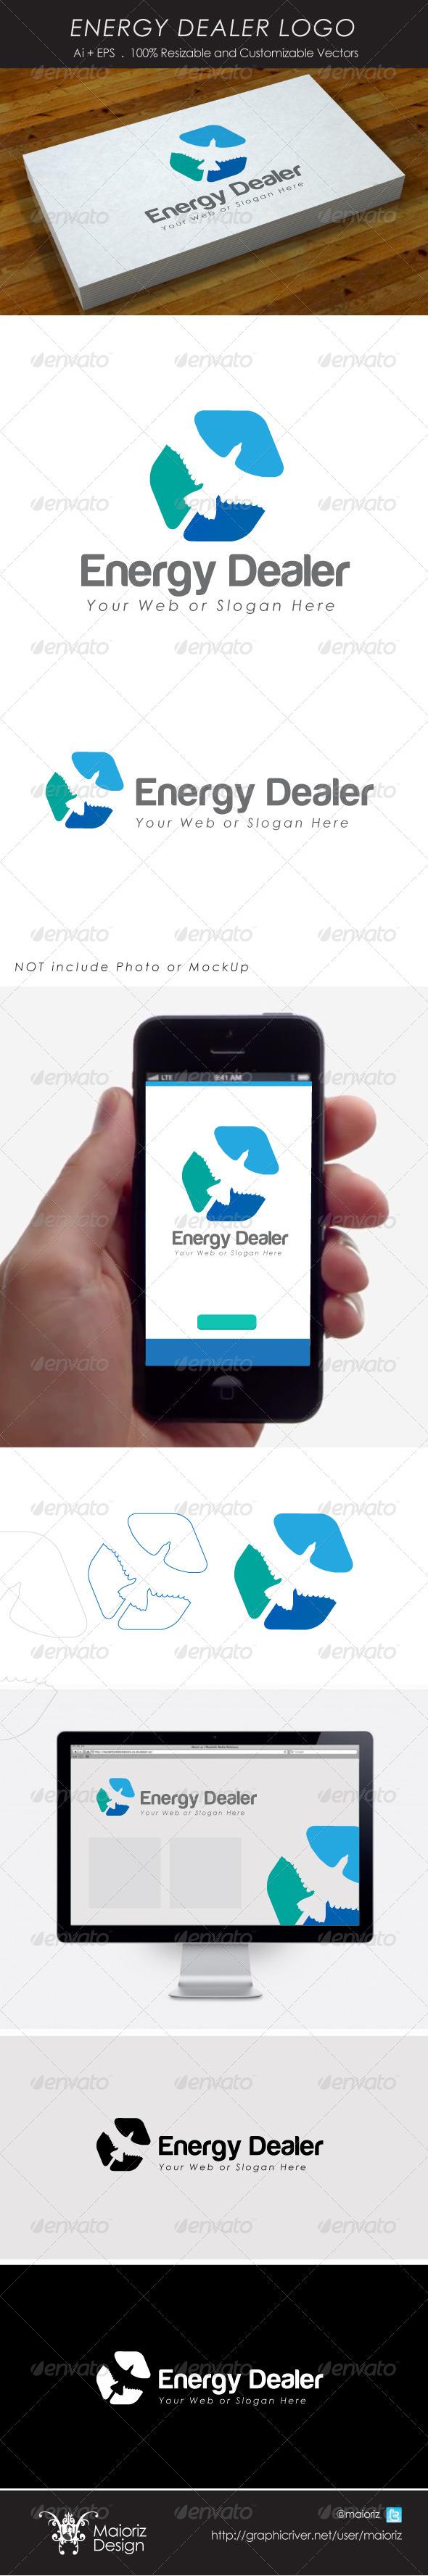 Energy Dealer Logo - Vector Abstract